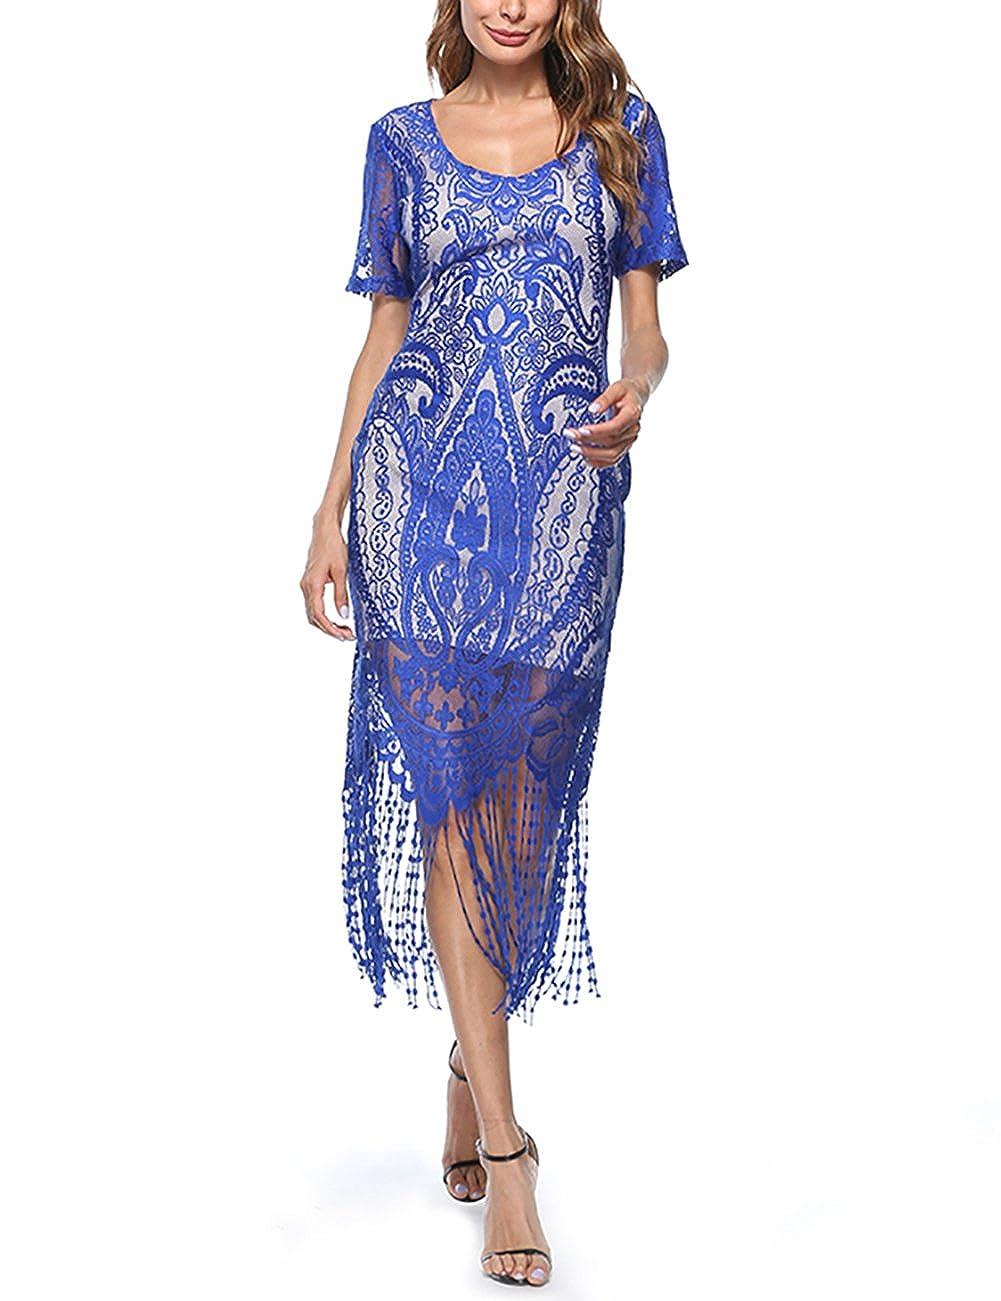 FeelinGirl 1920s Vintage Fleco Encaje Vestido de Fiesta para Mujer: Amazon.es: Ropa y accesorios